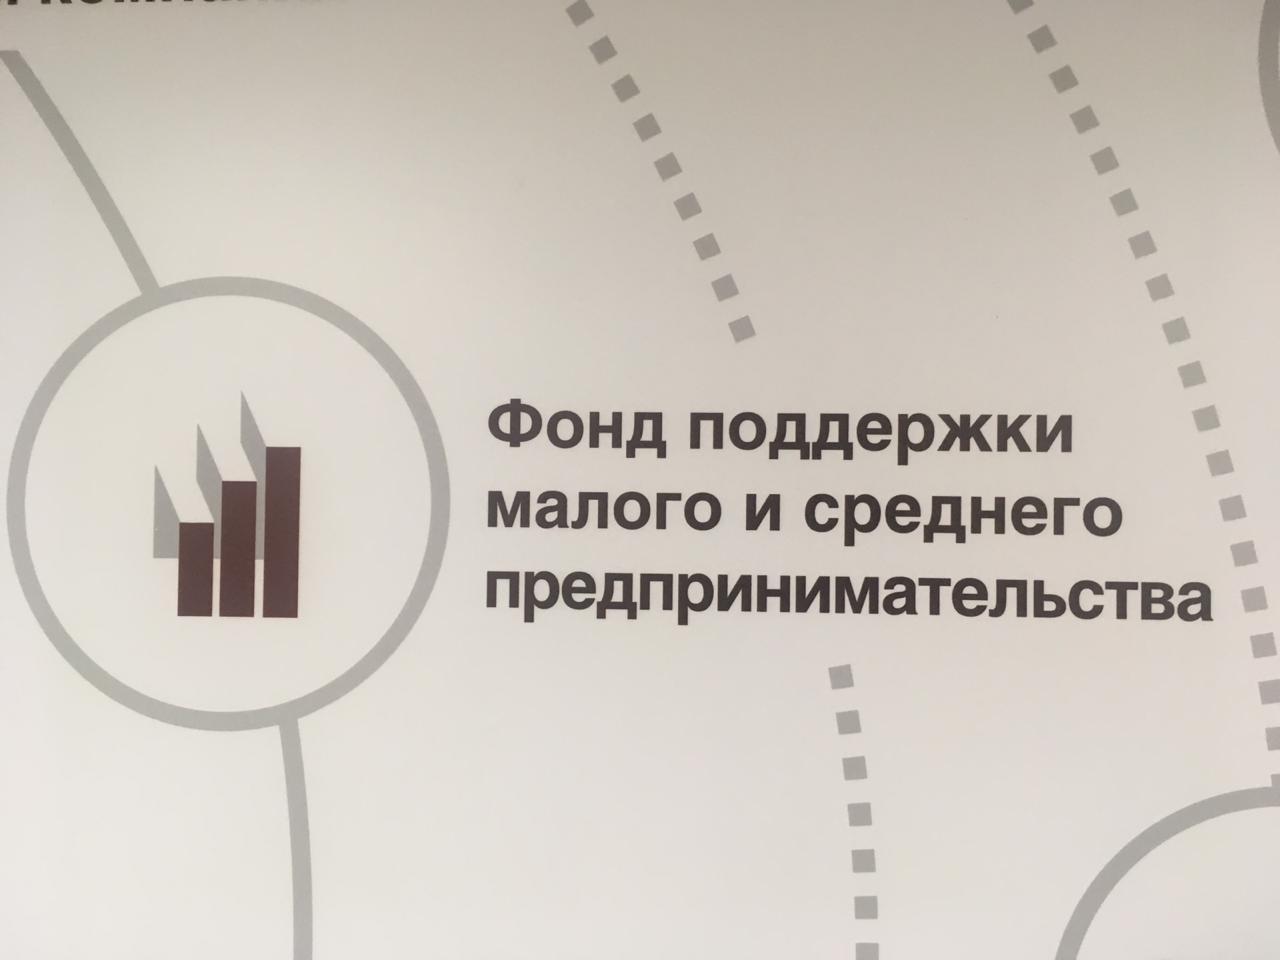 Ярославские предприятия могут получить поддержку на миллионы рублей в рамках нацпроекта